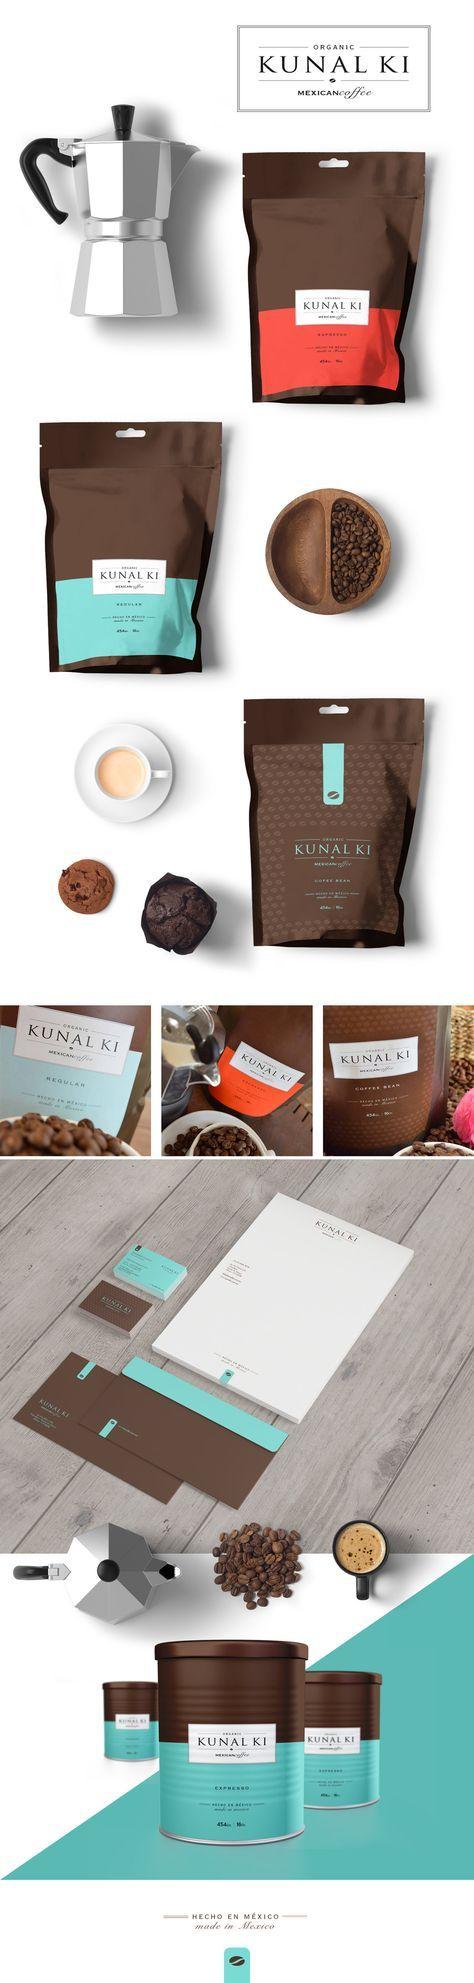 KUNAL KI mexican coffee - Packaging - SPAINCREATIVE